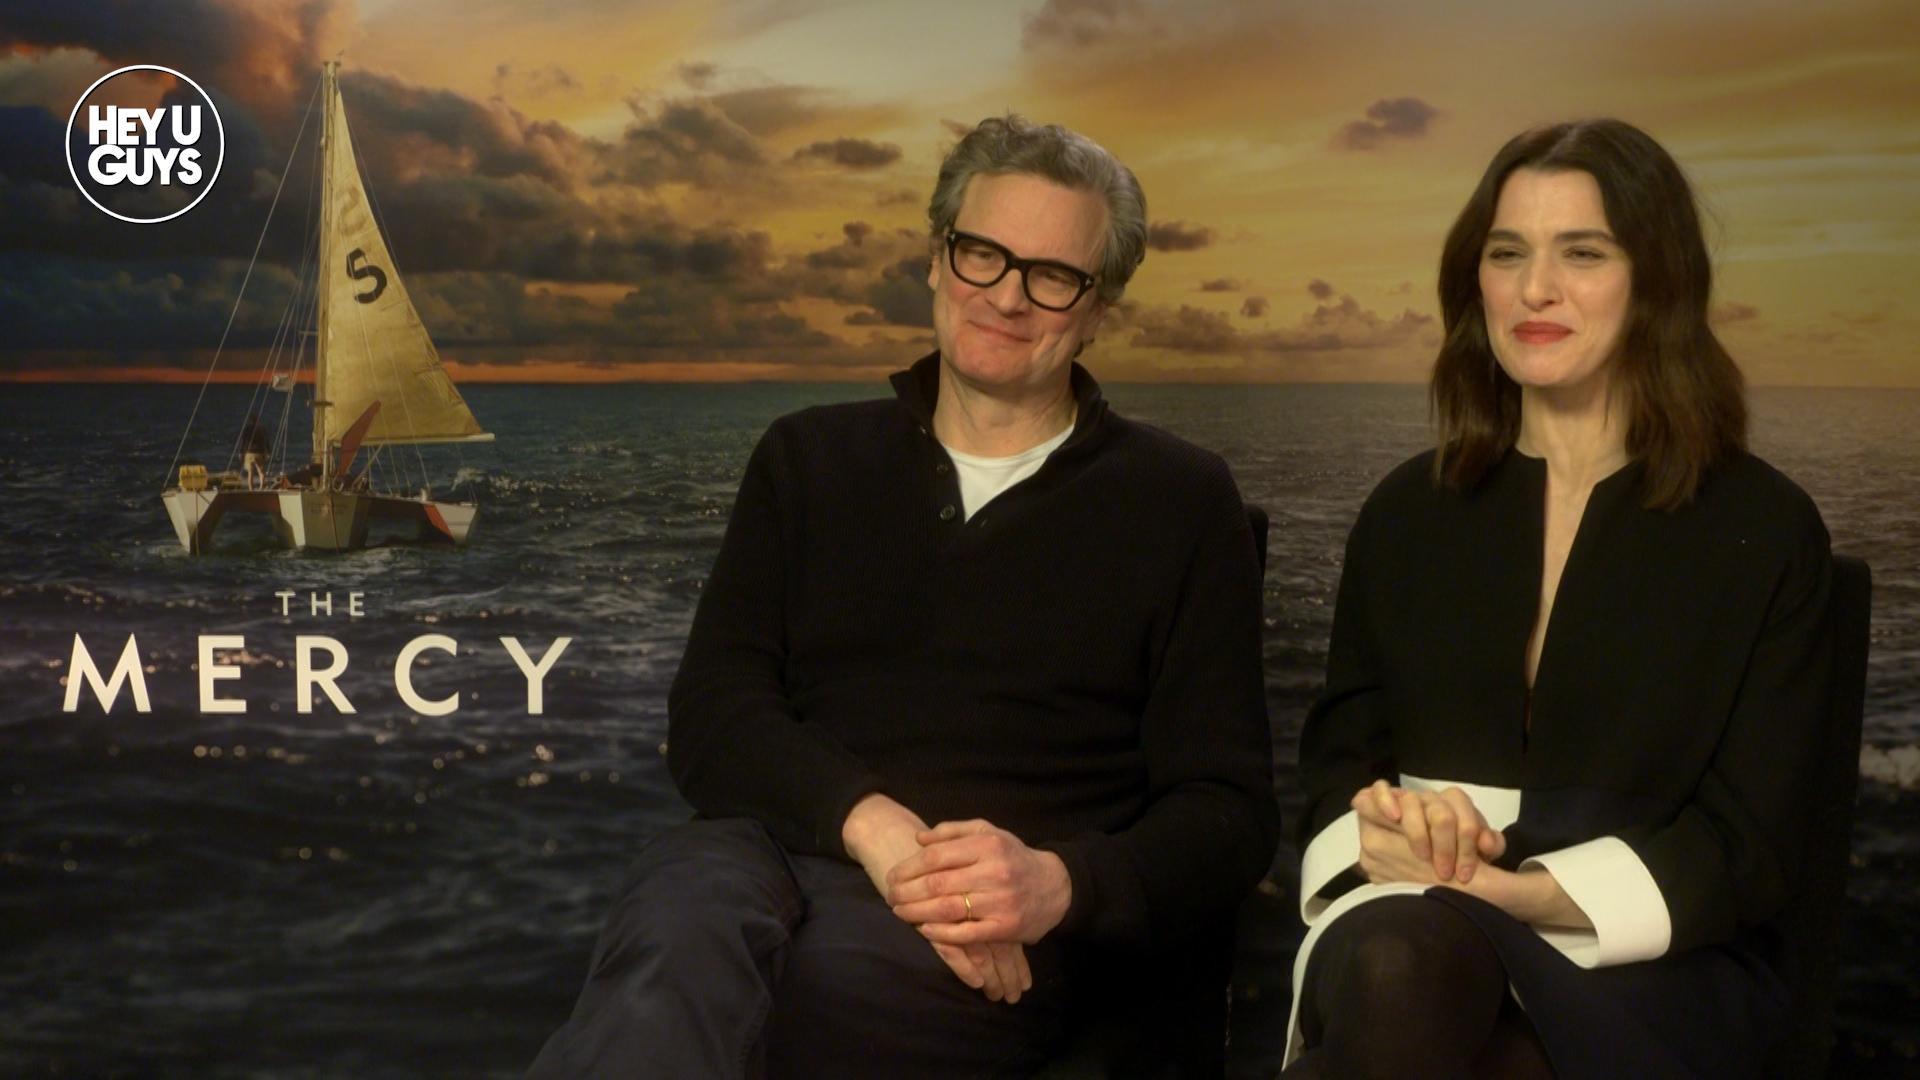 Colin Firth & Rachel Weisz - The Mercy